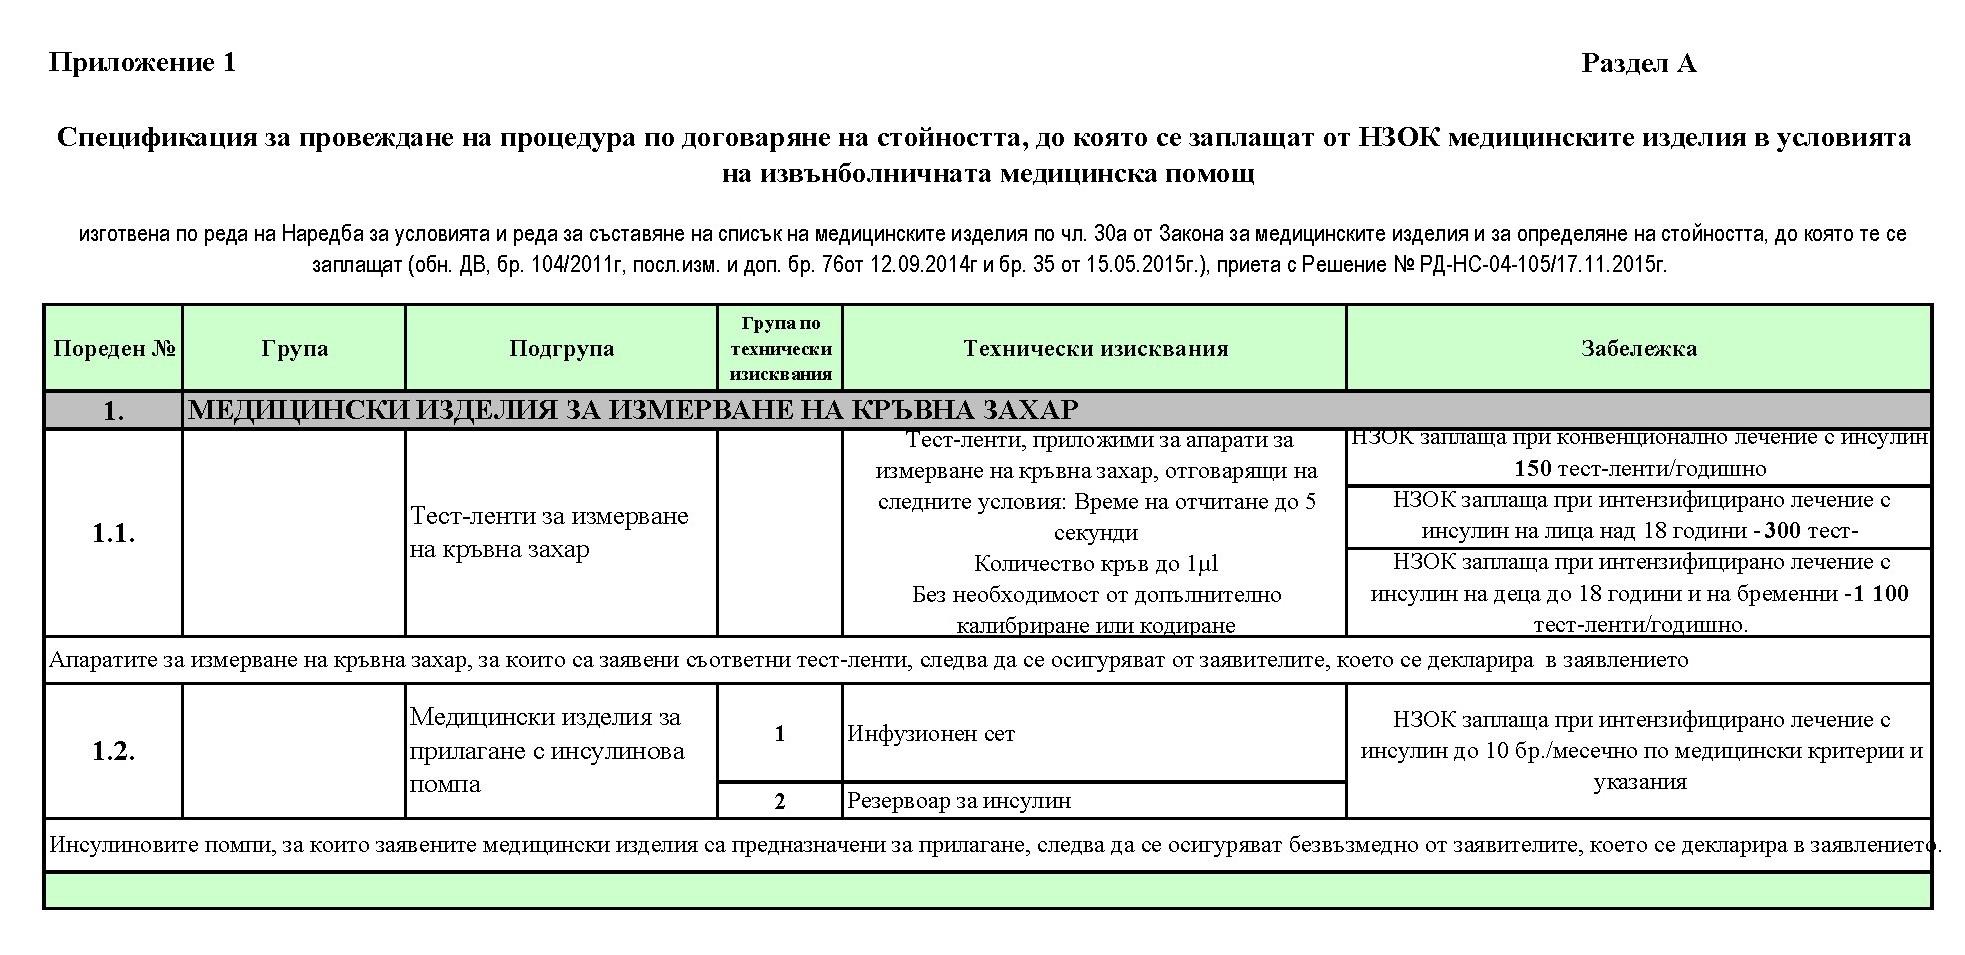 Spesifikacia NZOK_17-11-2015